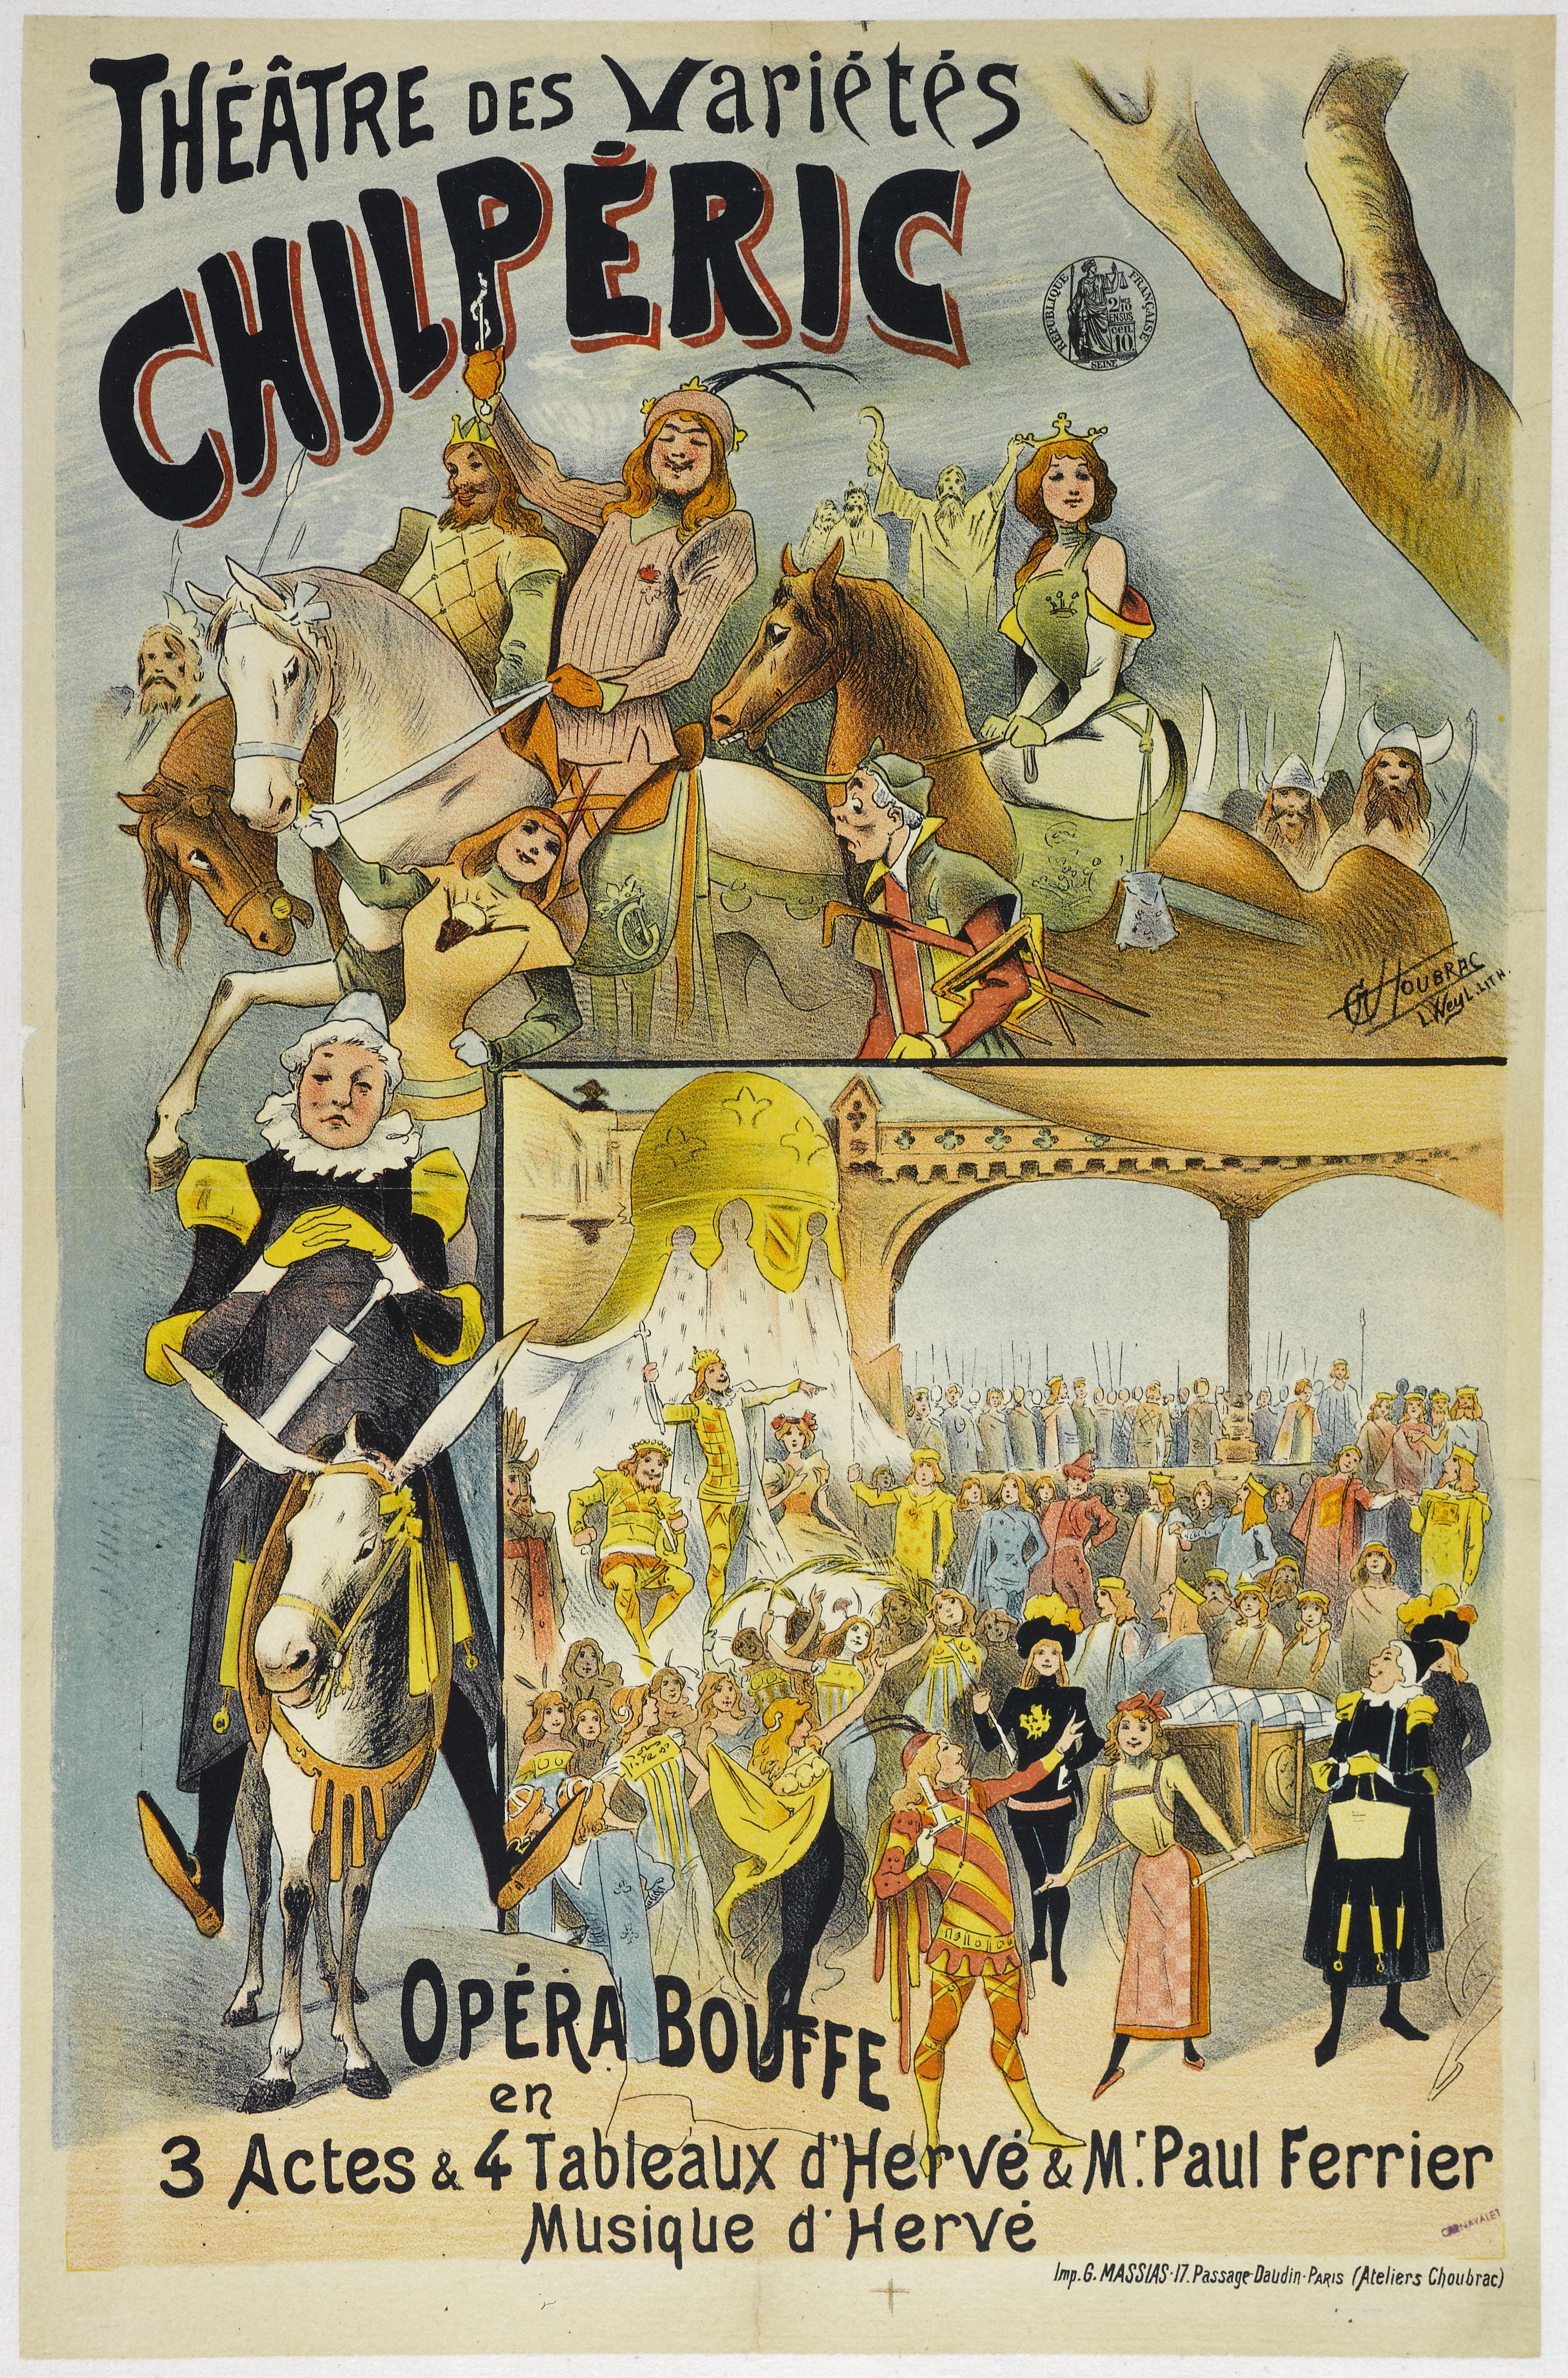 Filethéâtre Des Variétés 1895 Affiche Chilpéric A